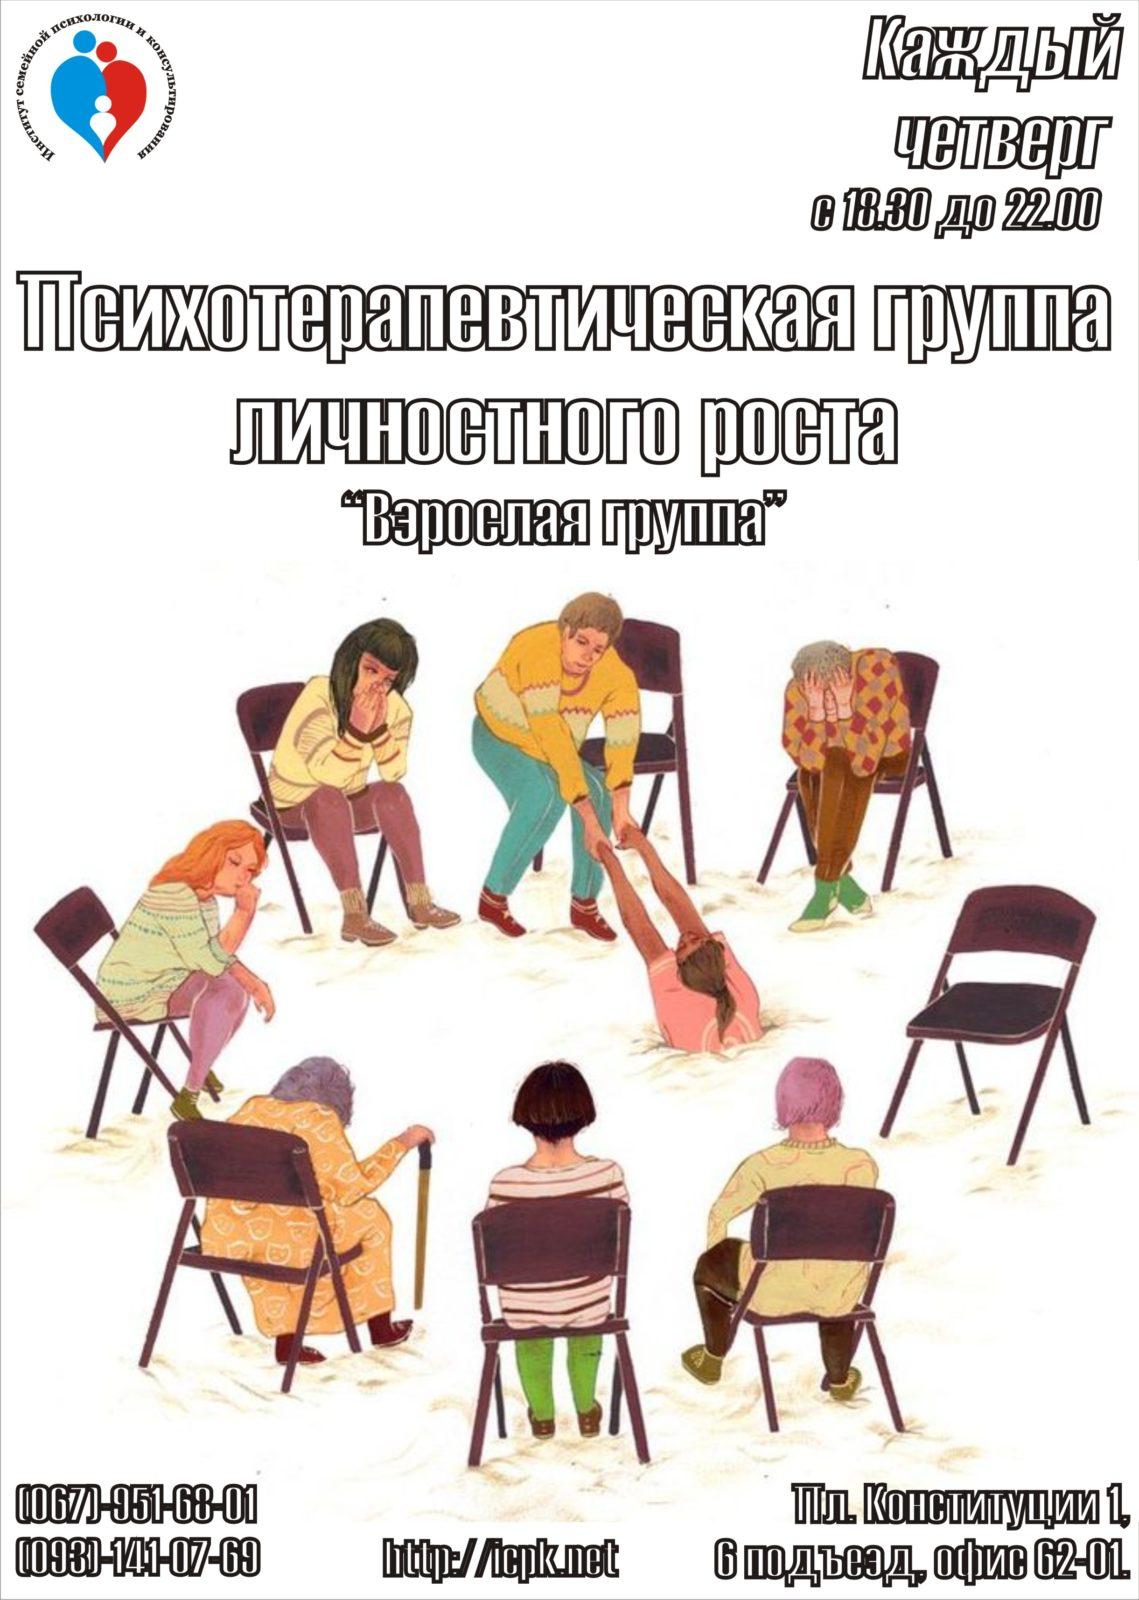 Группа личностного роста «Взрослая группа»